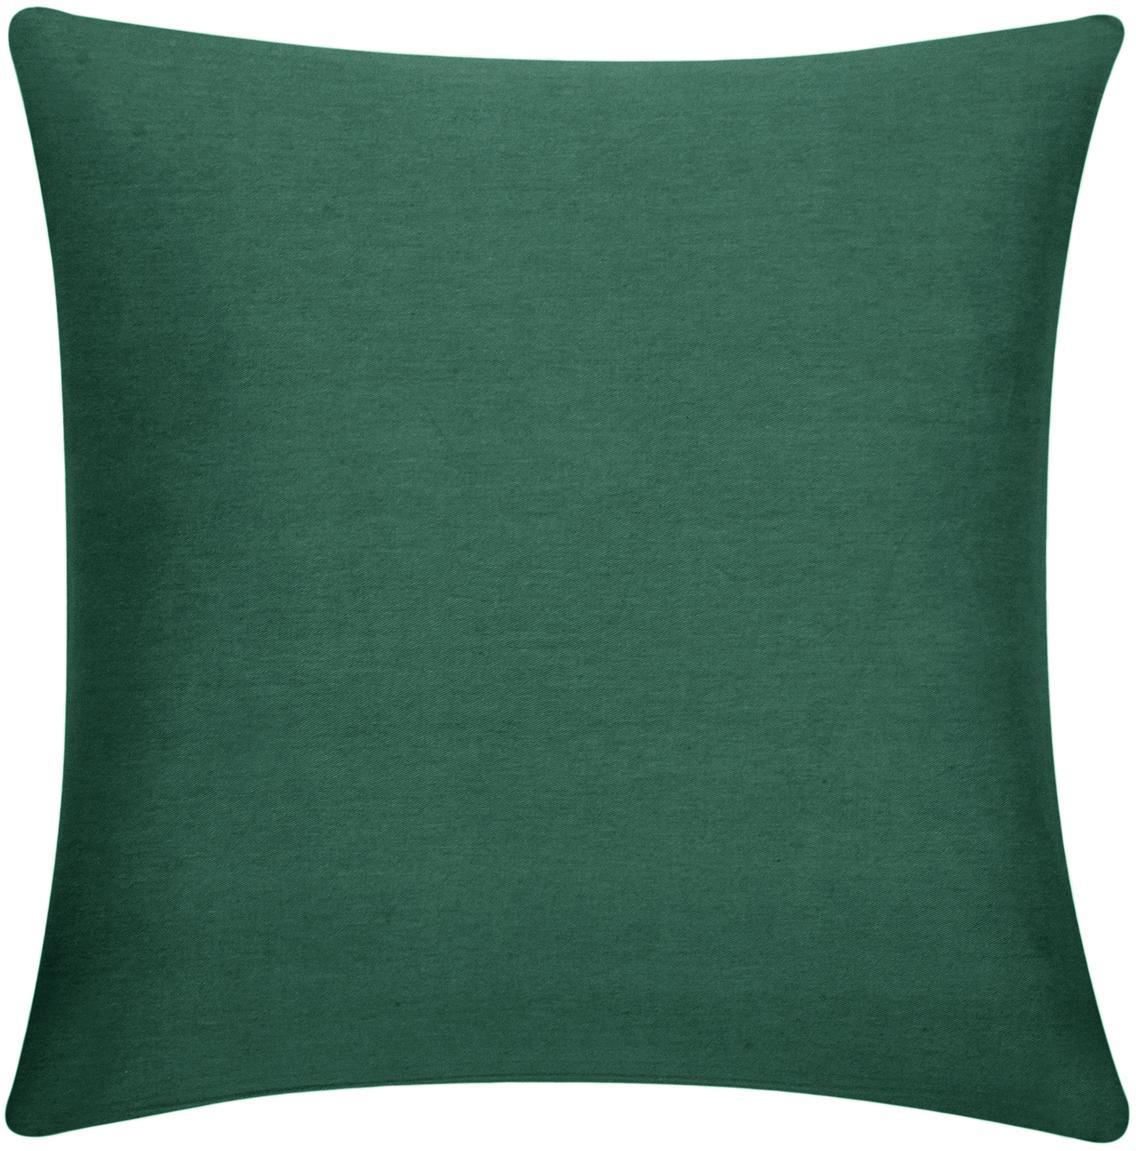 Katoenen kussenhoes Mads in groen, 100% katoen, Groen, 40 x 40 cm